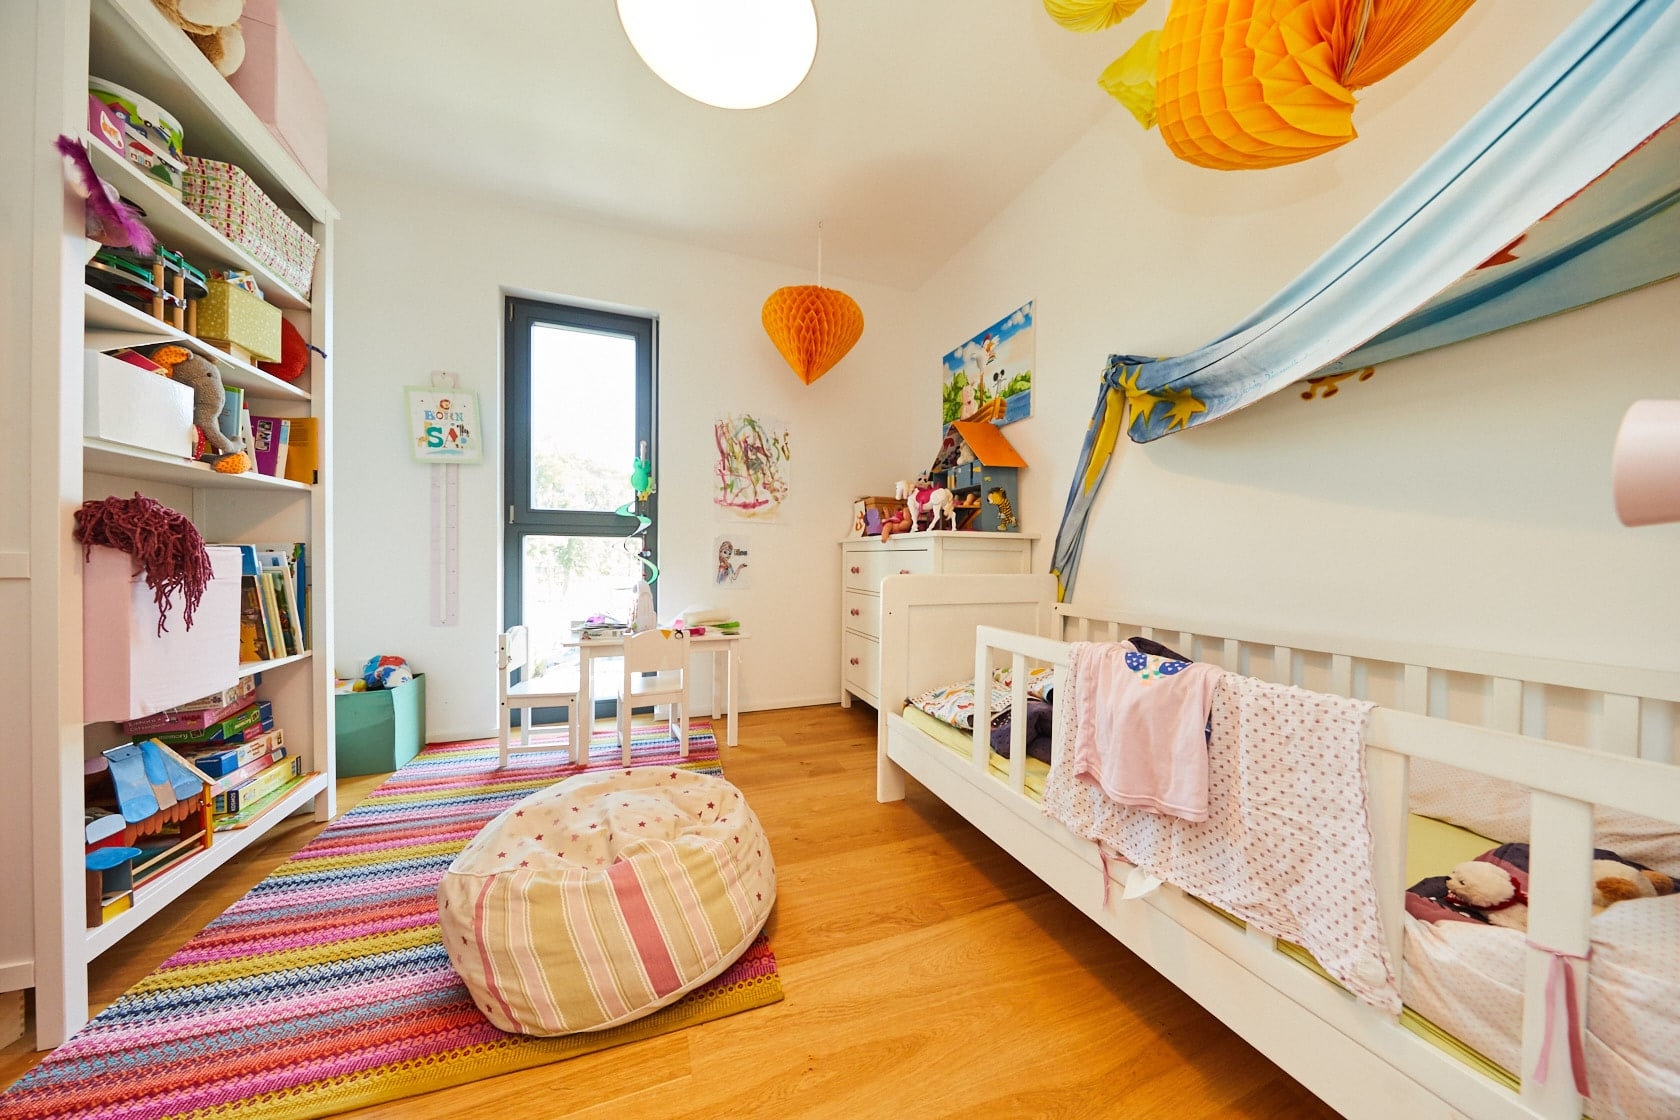 Kinderzimmer modern weiß mit Farbakzenten - Ideen Inneneinrichtung Doppelhaushälfte Monza von GUSSEK HAUS - HausbauDirekt.de